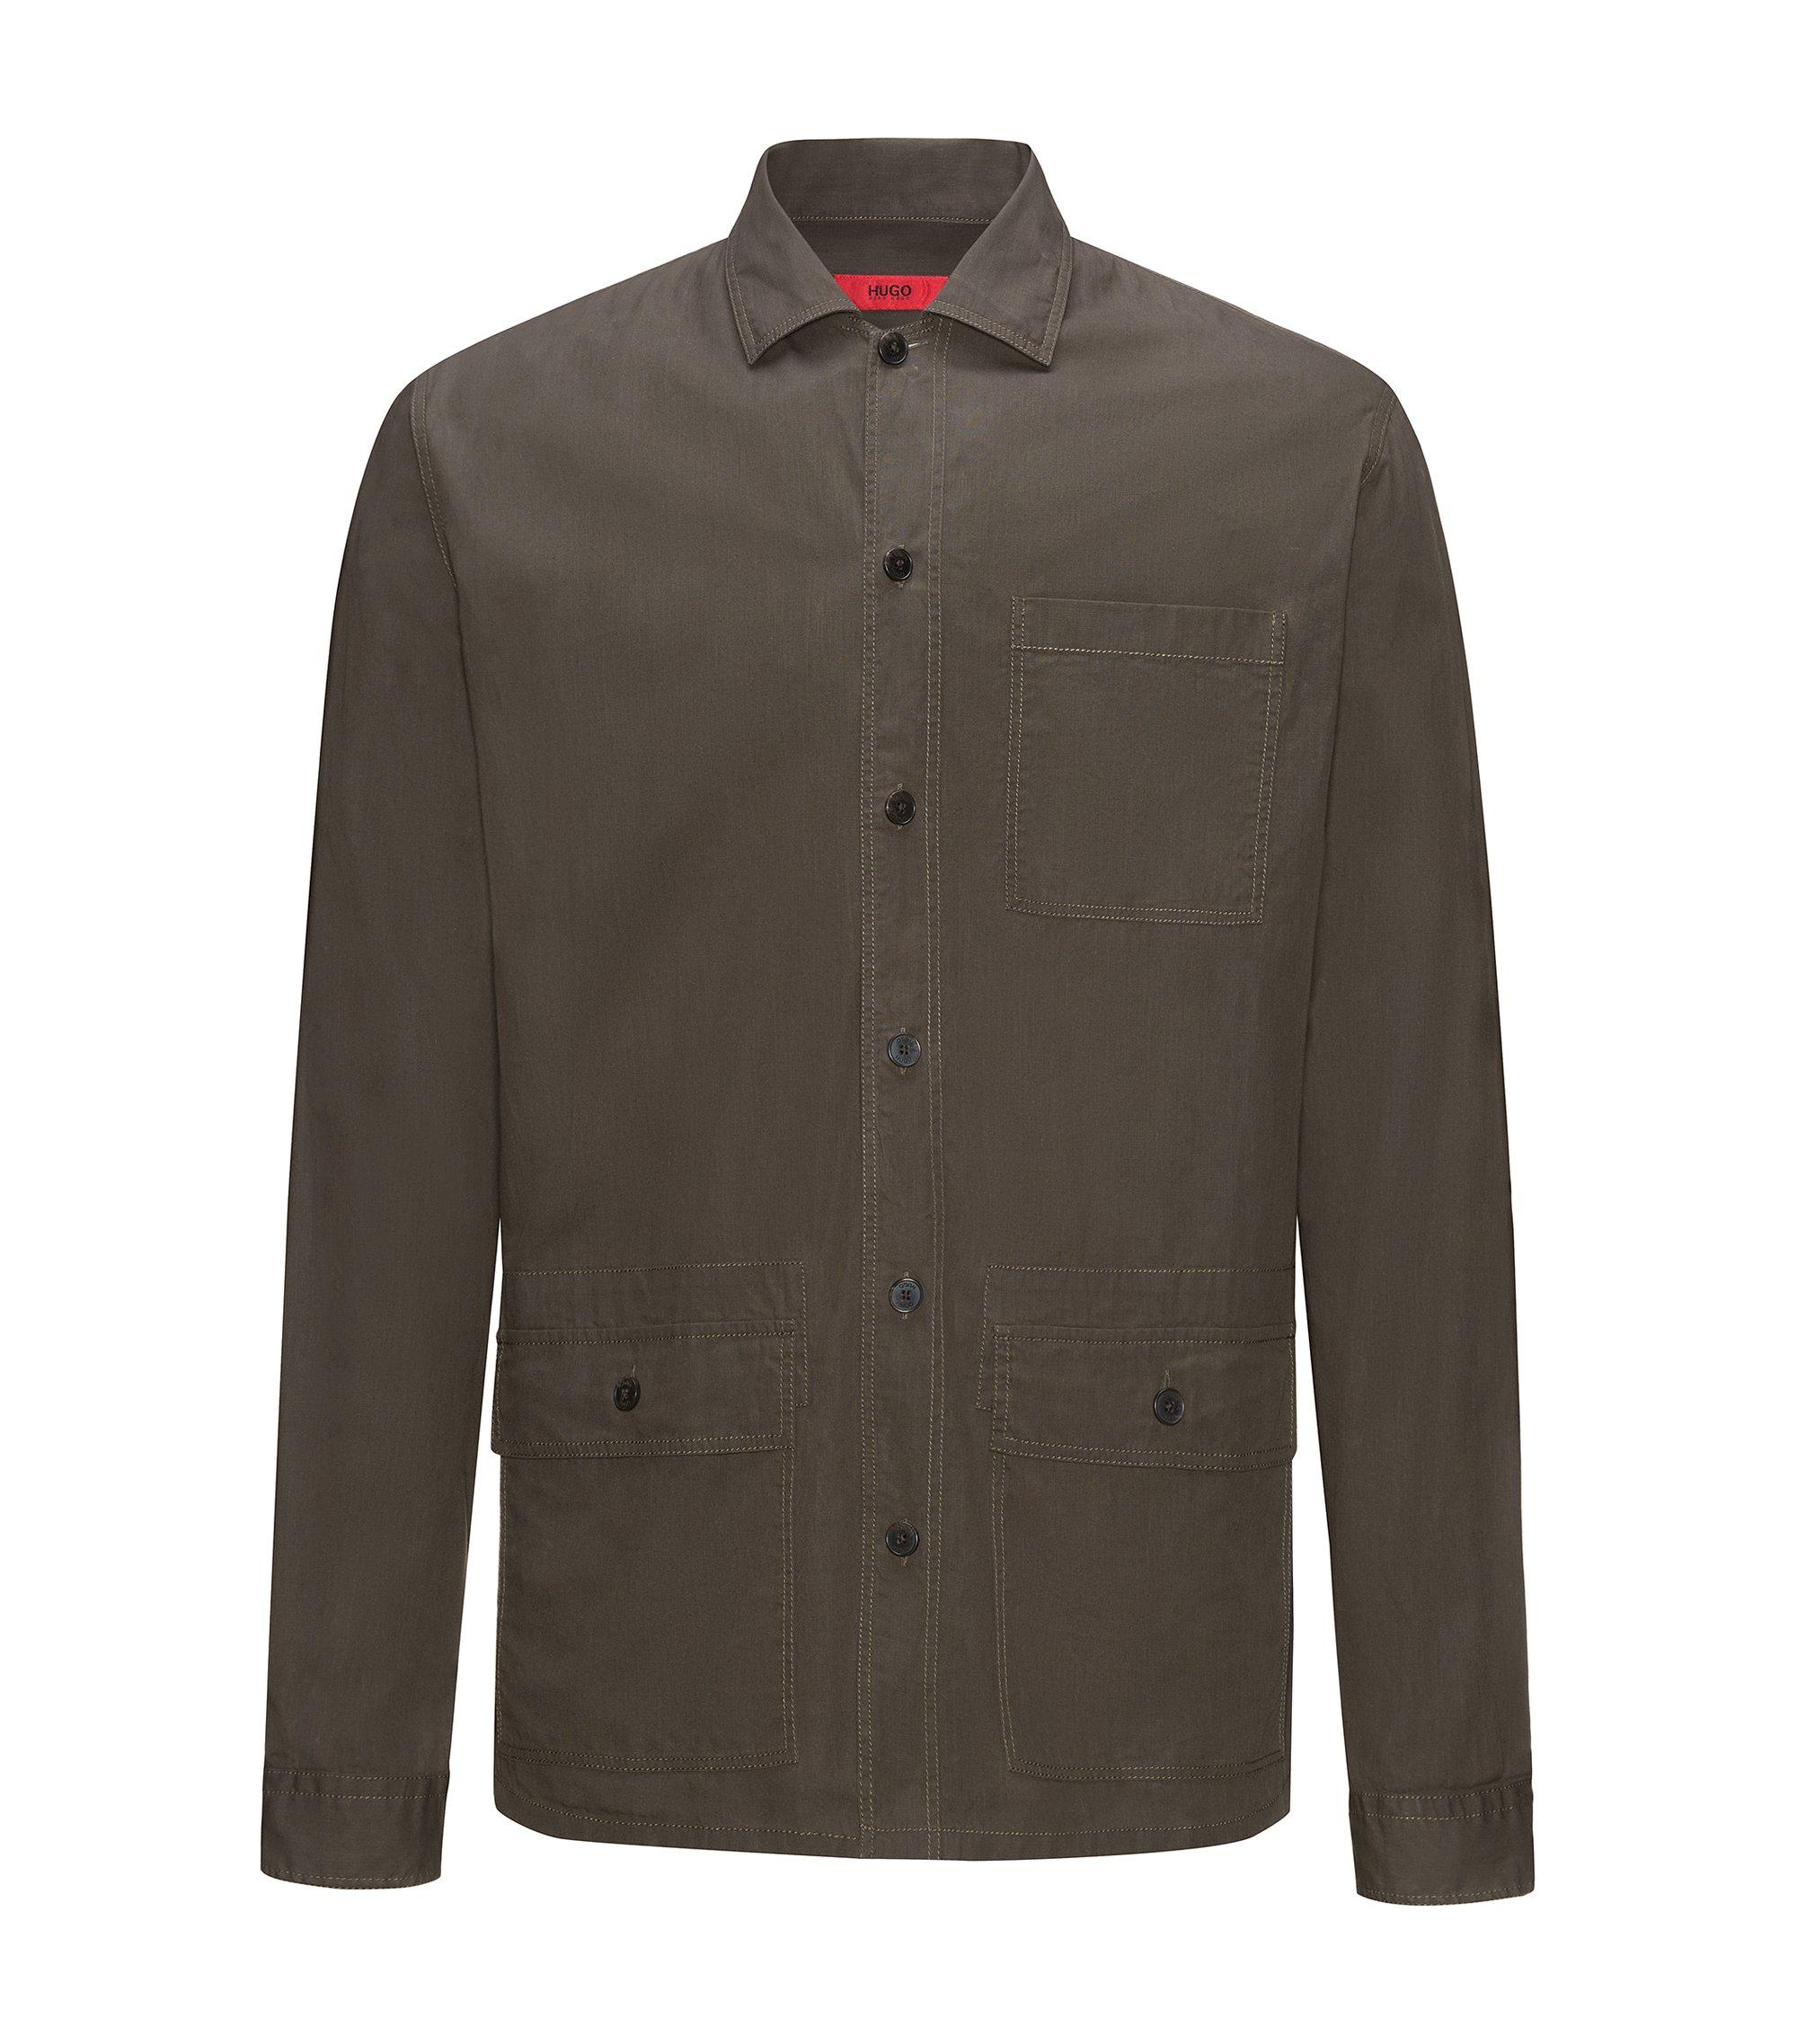 Chemise Relaxed Fit en coton enduit avec poches plaquées, Marron